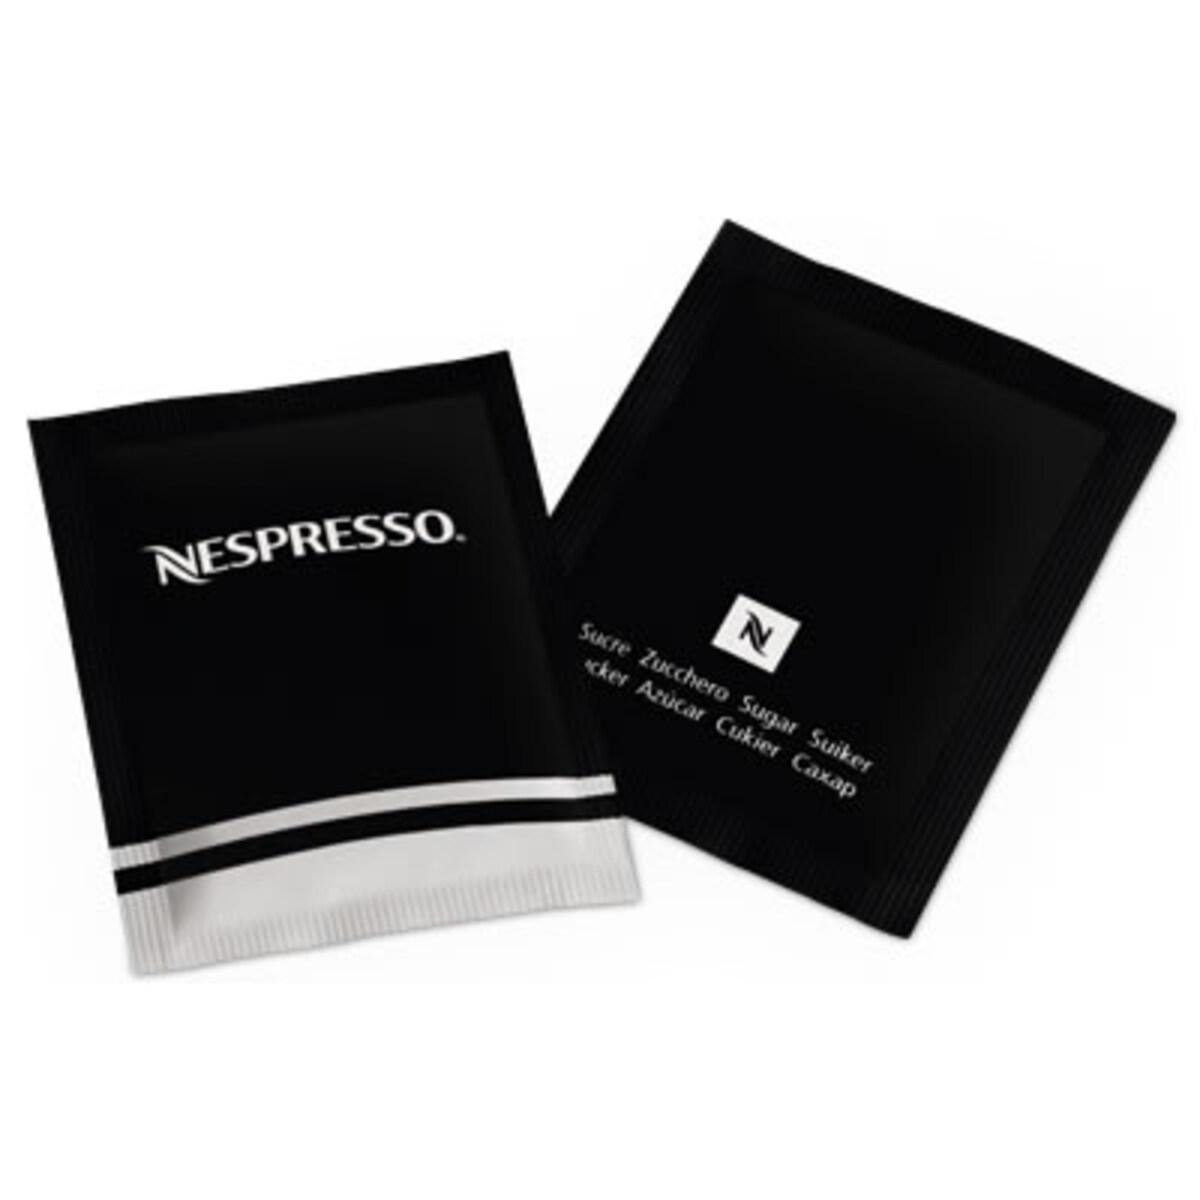 Nespresso бяла захар в пакетчета 100бр по 4гр